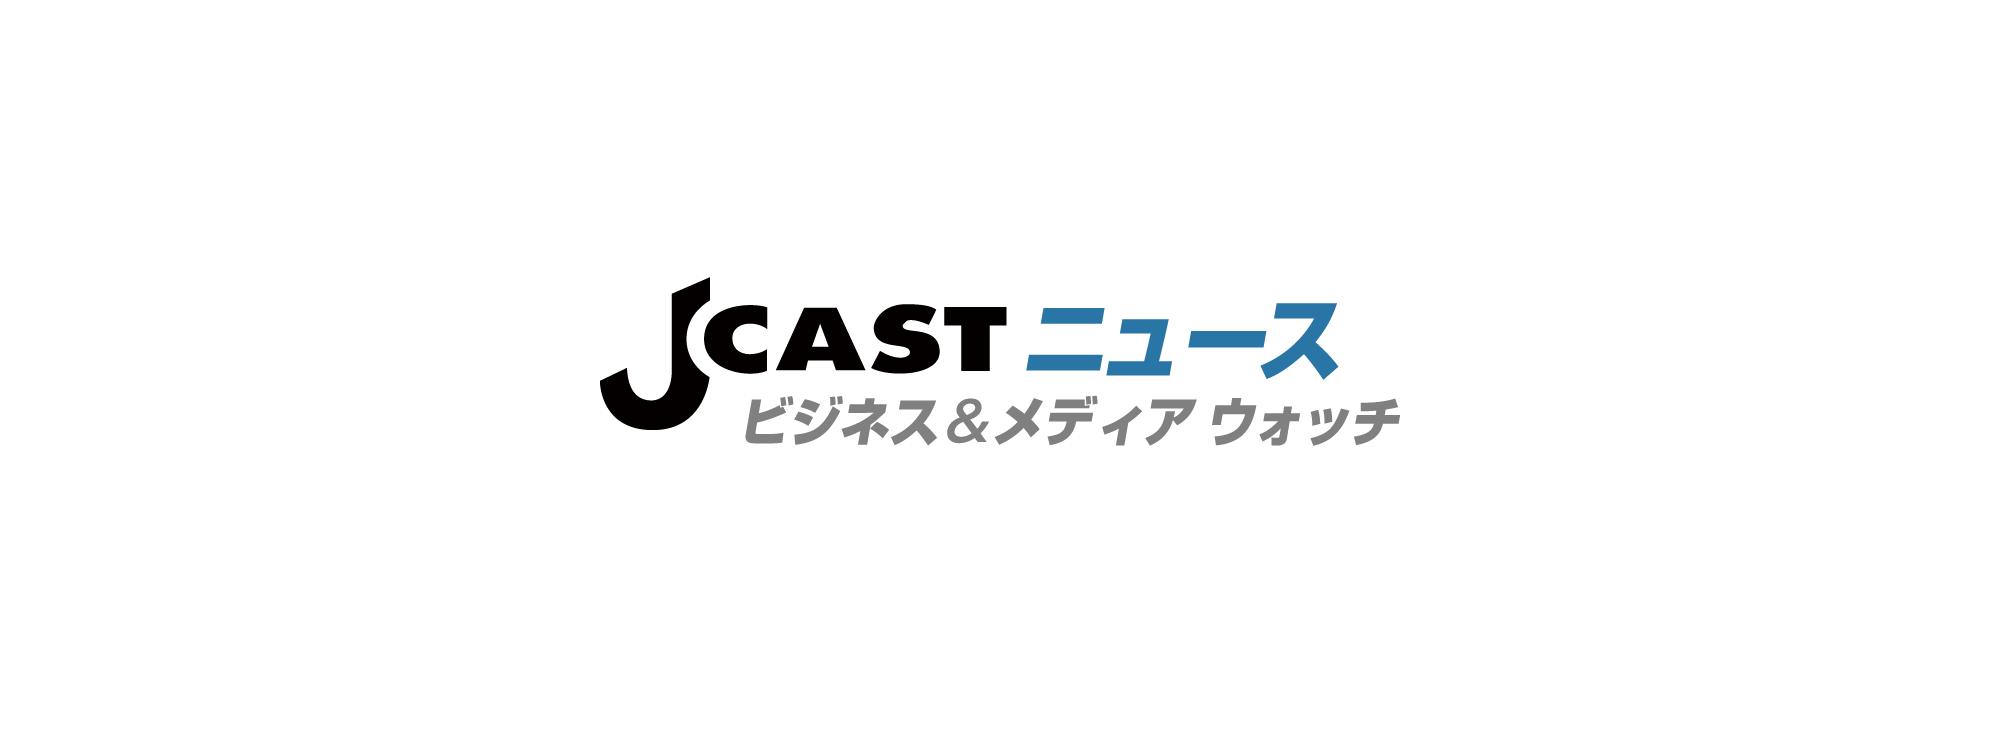 物資の支援、ボランティアはまだ慎重に! 岡山・真備町から災害支援専門家が訴え : J-CASTテレビウォッチ